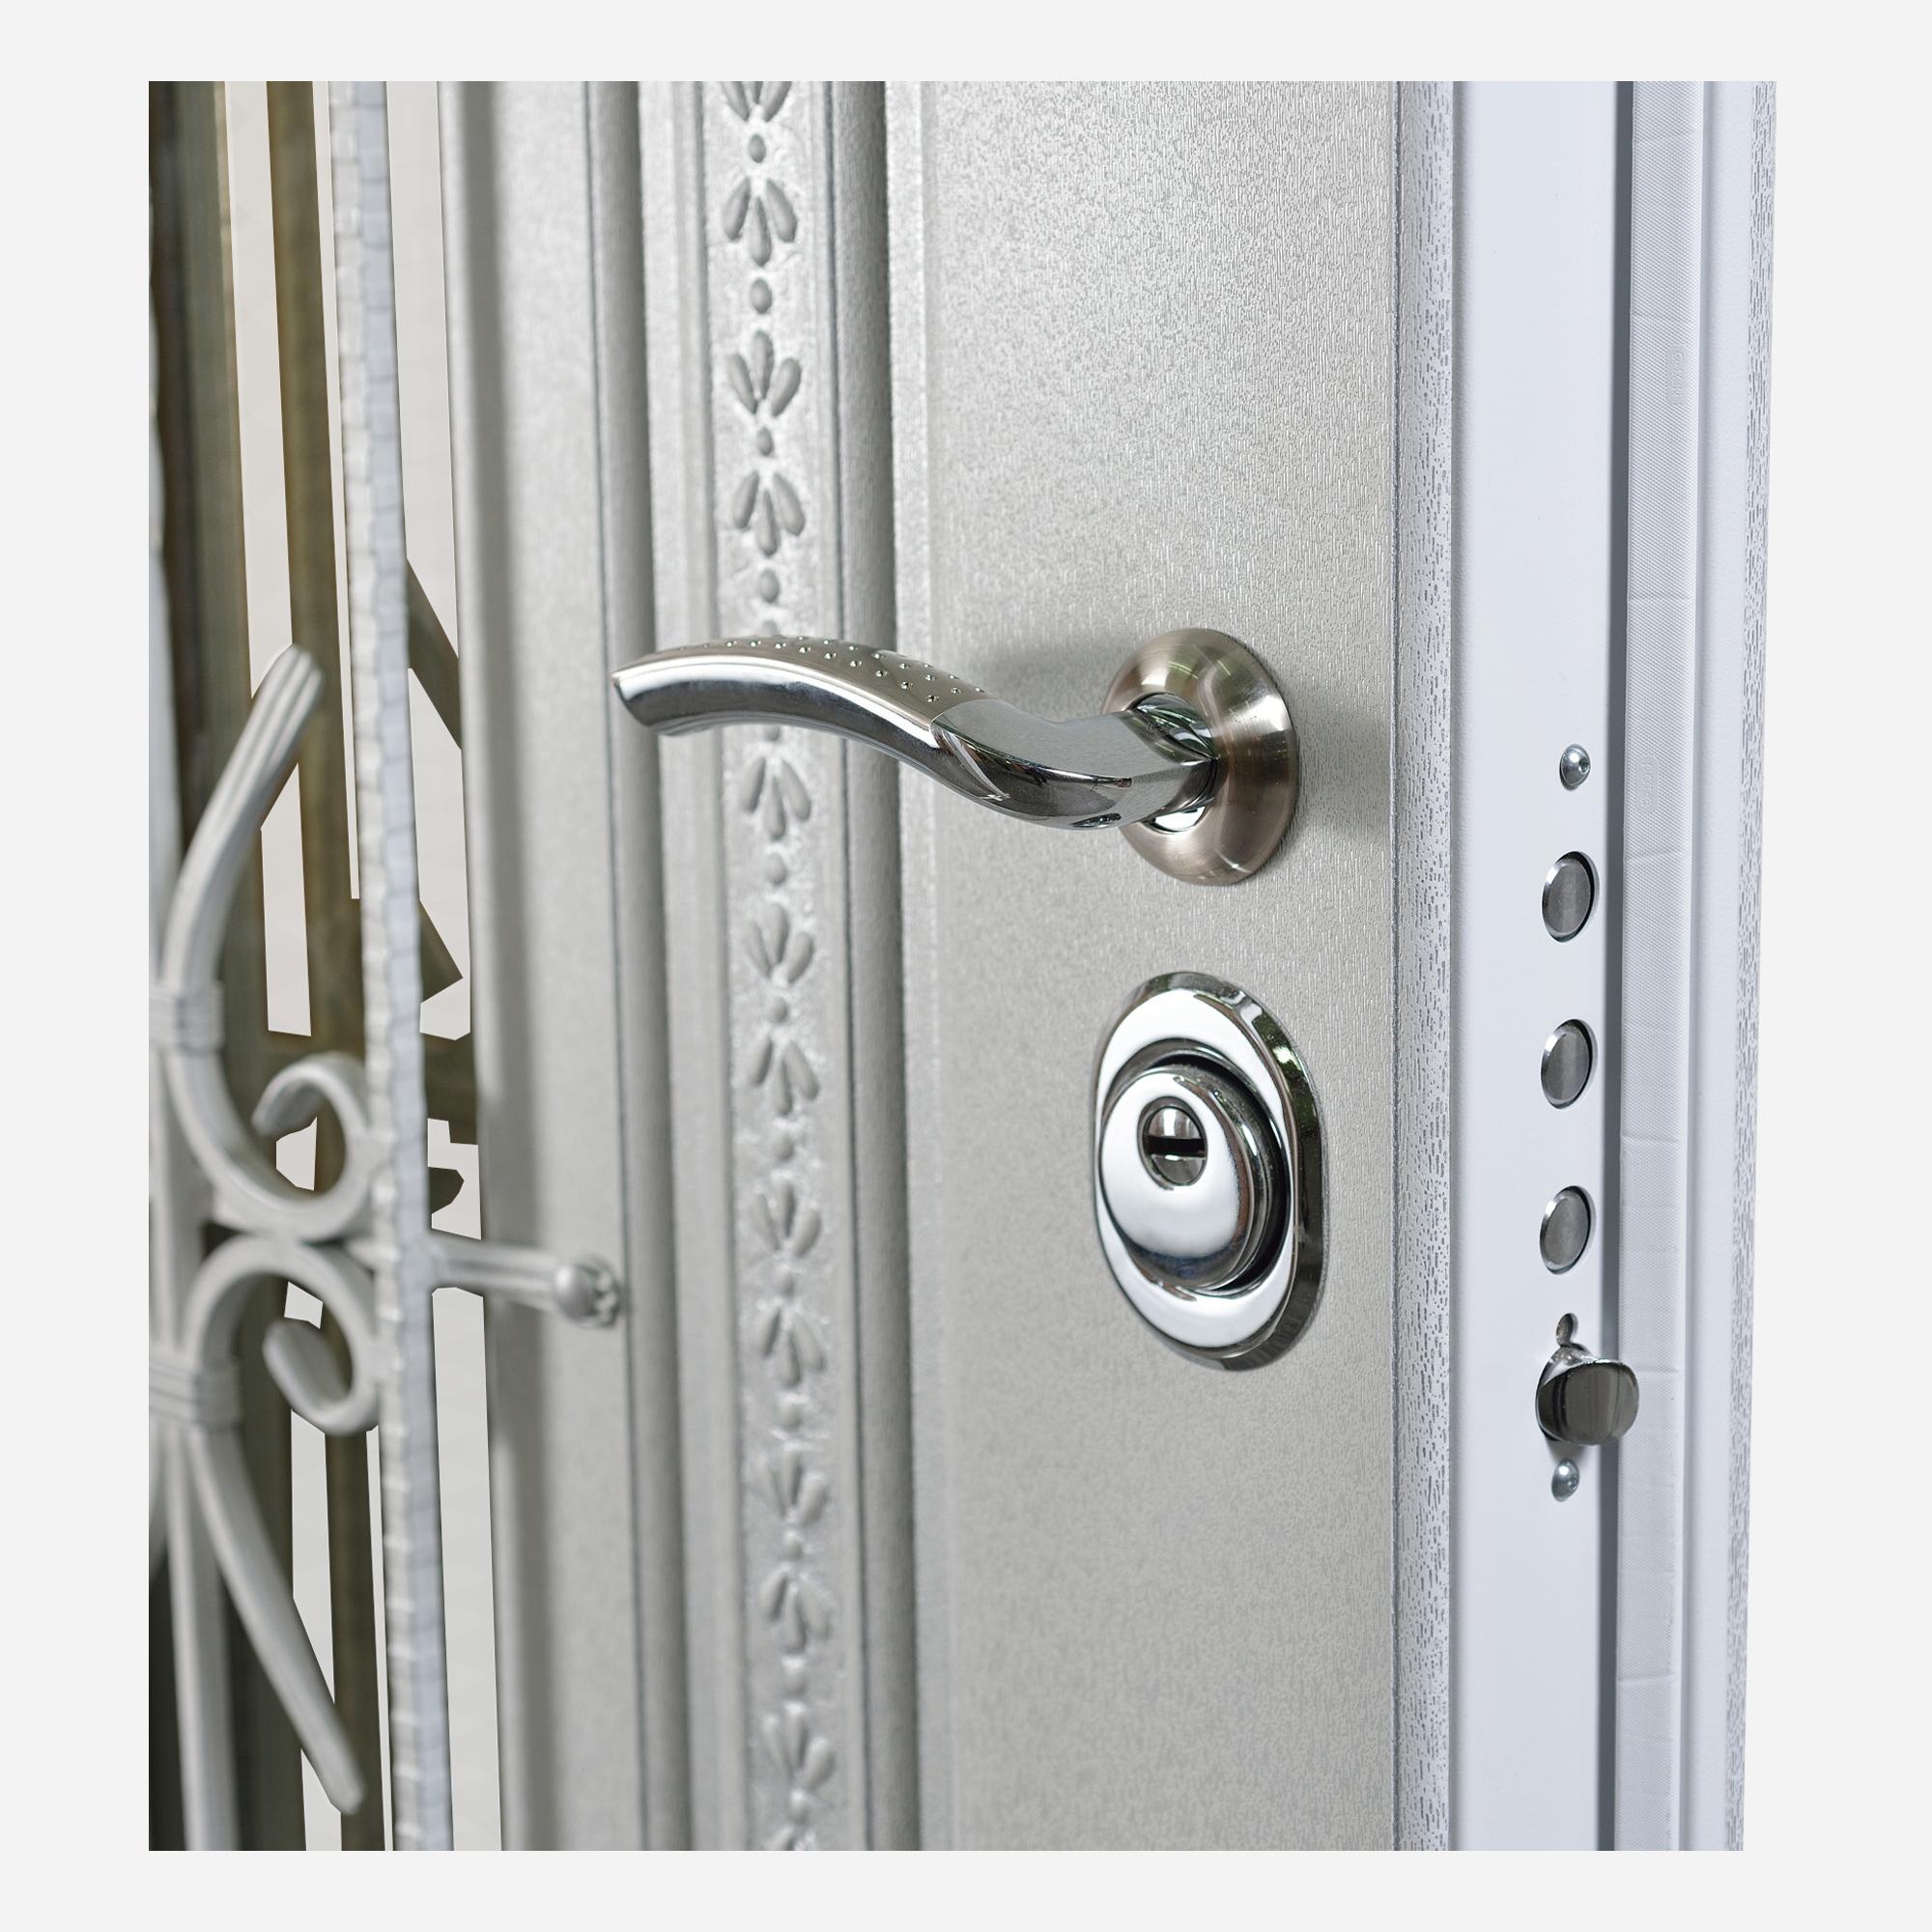 Lazio Steel Security Entry Door By Novo Porte Usa